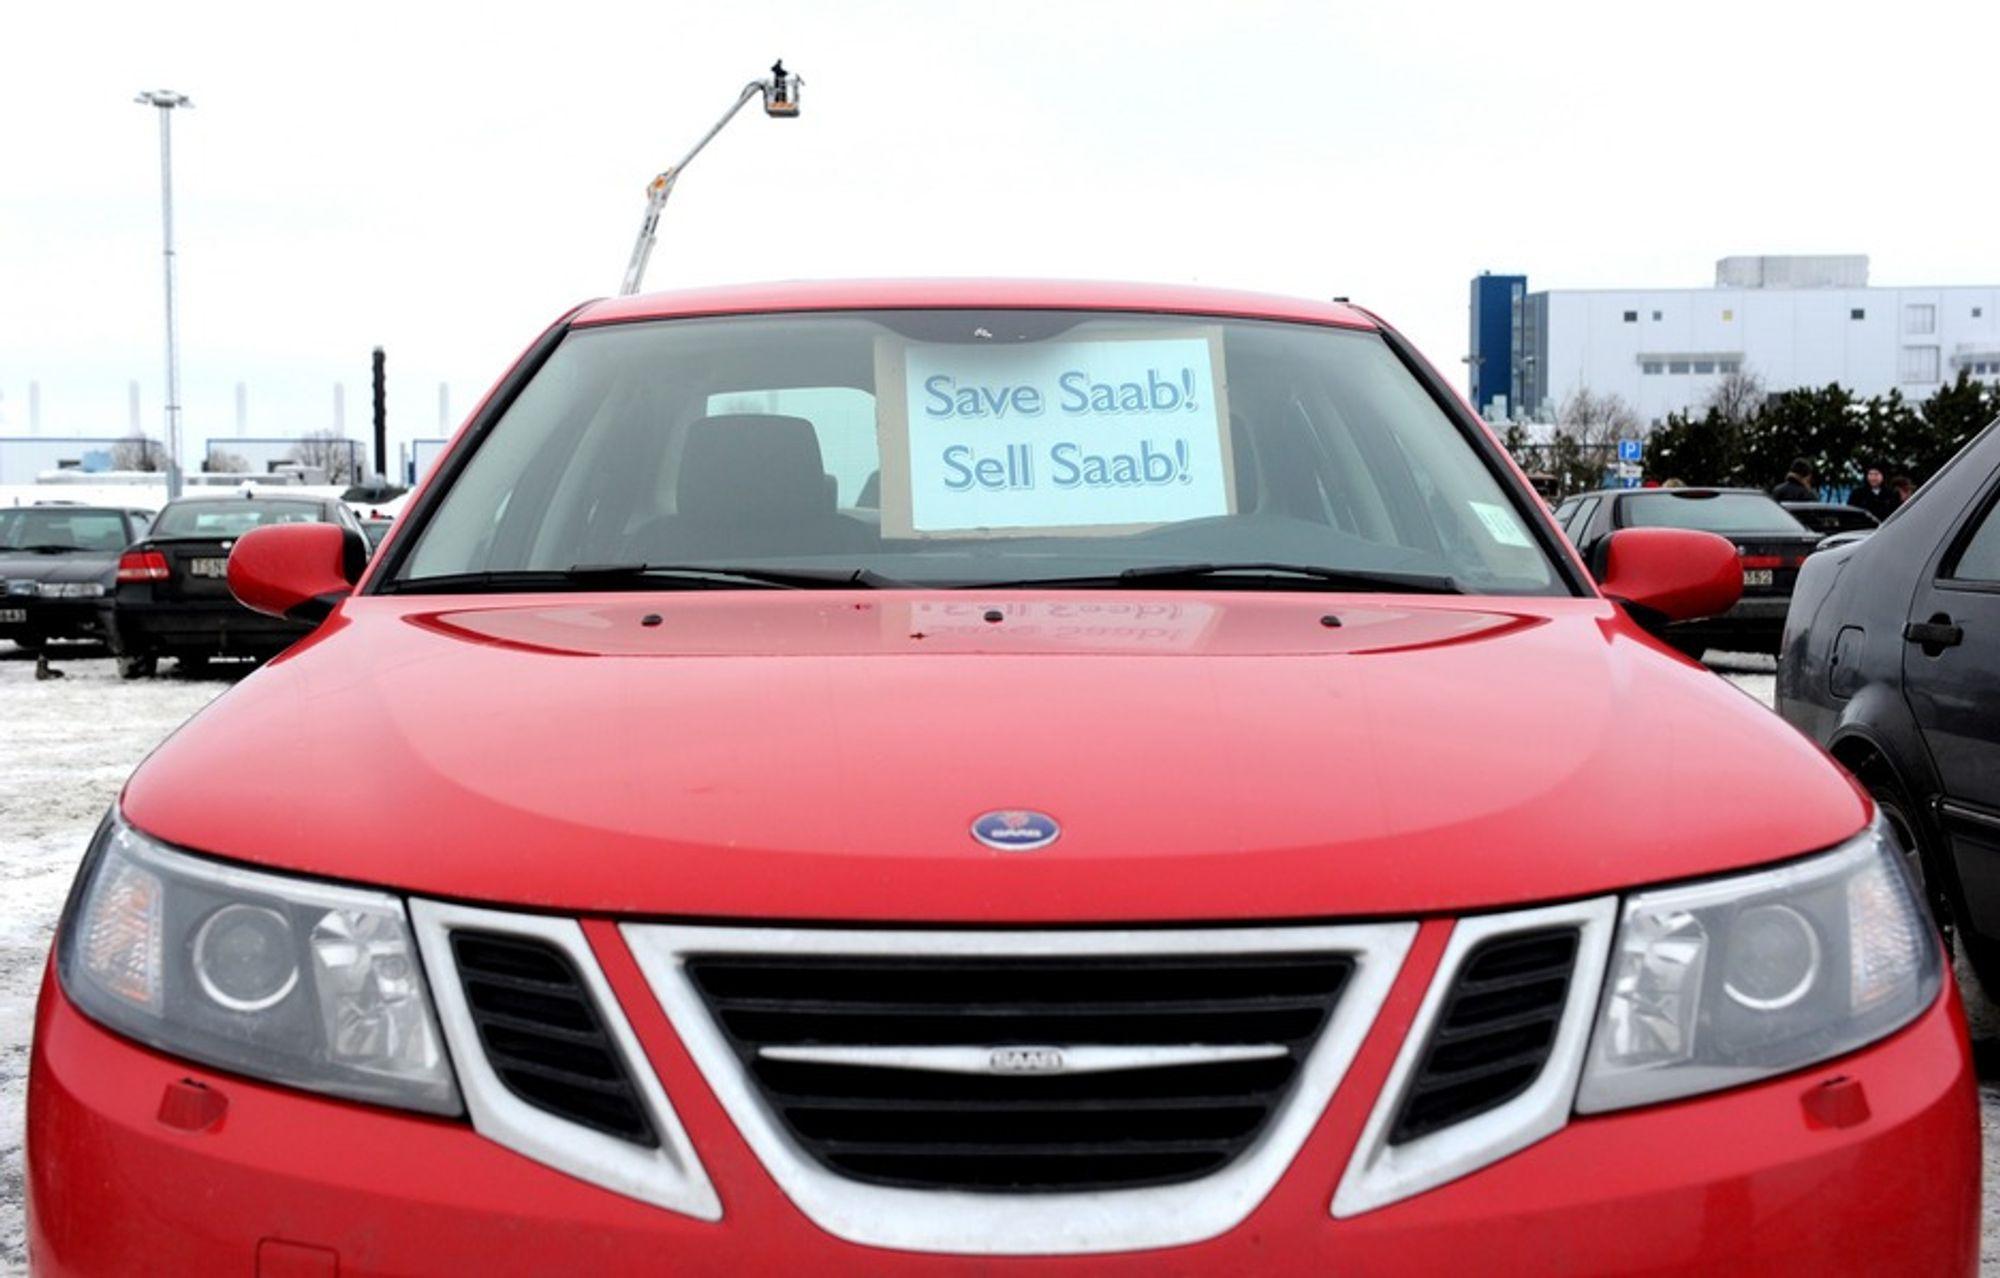 Spyker kjøper den svenske bilprodusenten Saab av General Motors, erfarer SVT.